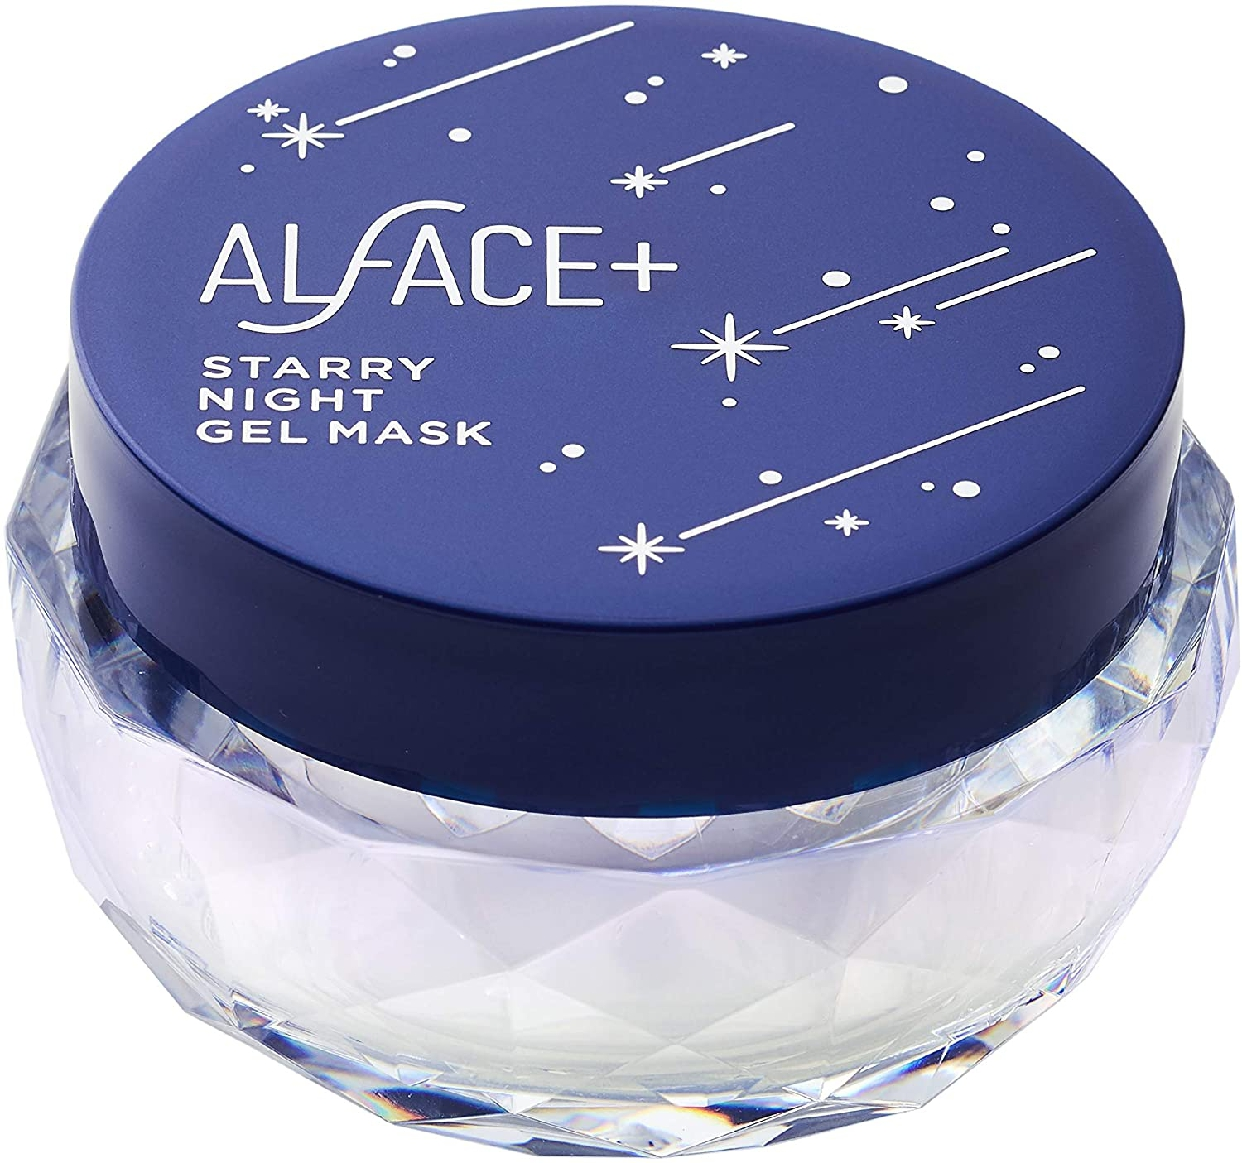 ALFACE+(オルフェス)スターリーナイトジェルマスクの商品画像